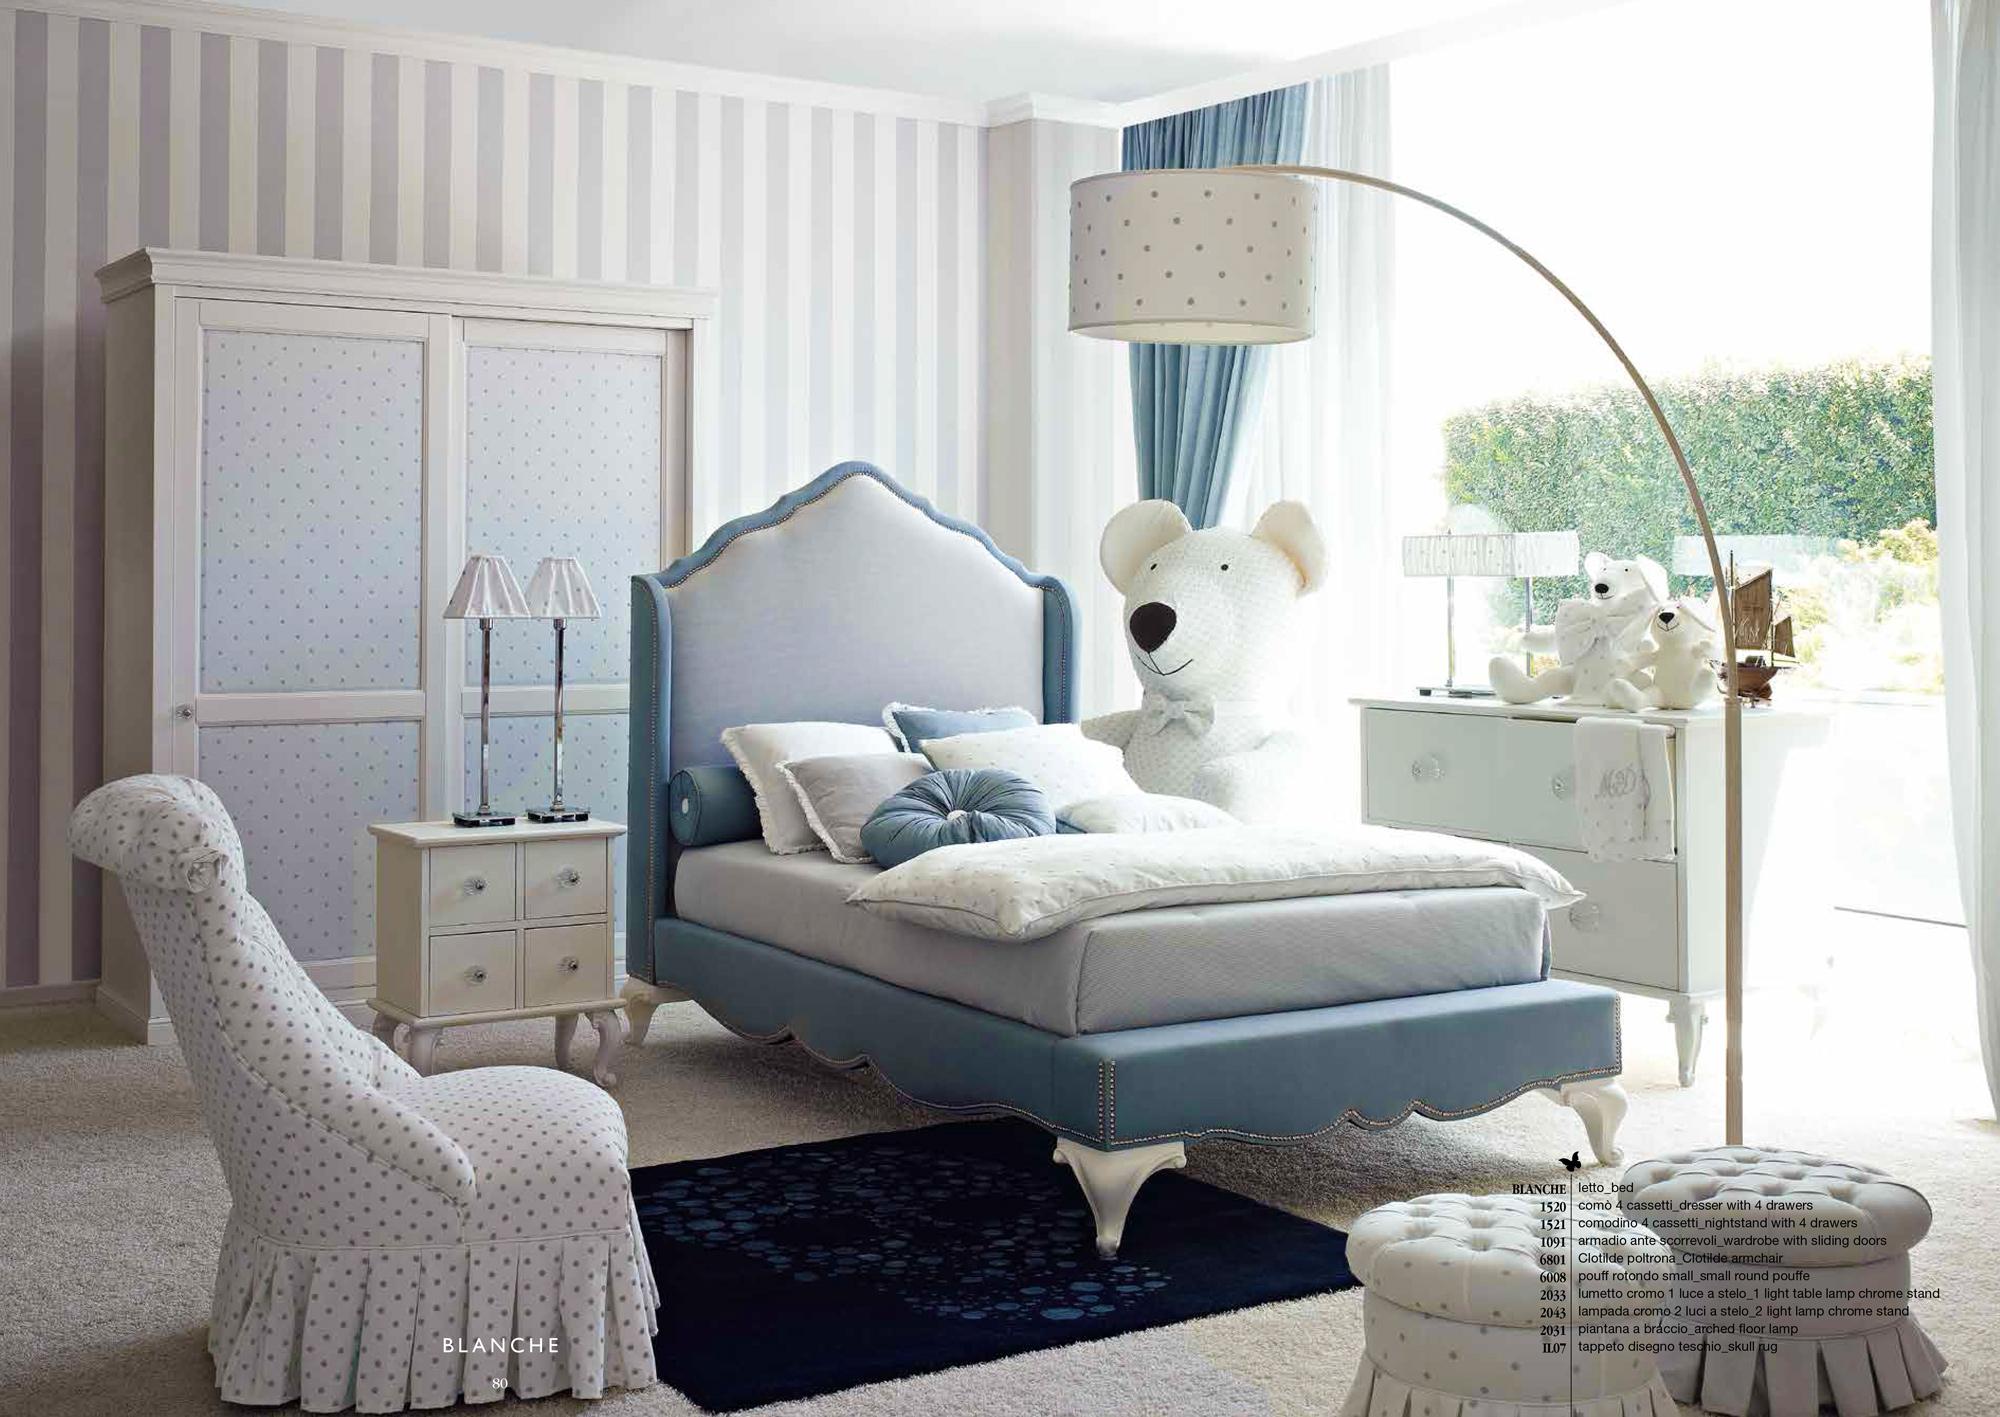 Chambre Fille Style Romantique : Chambre fille style romantique